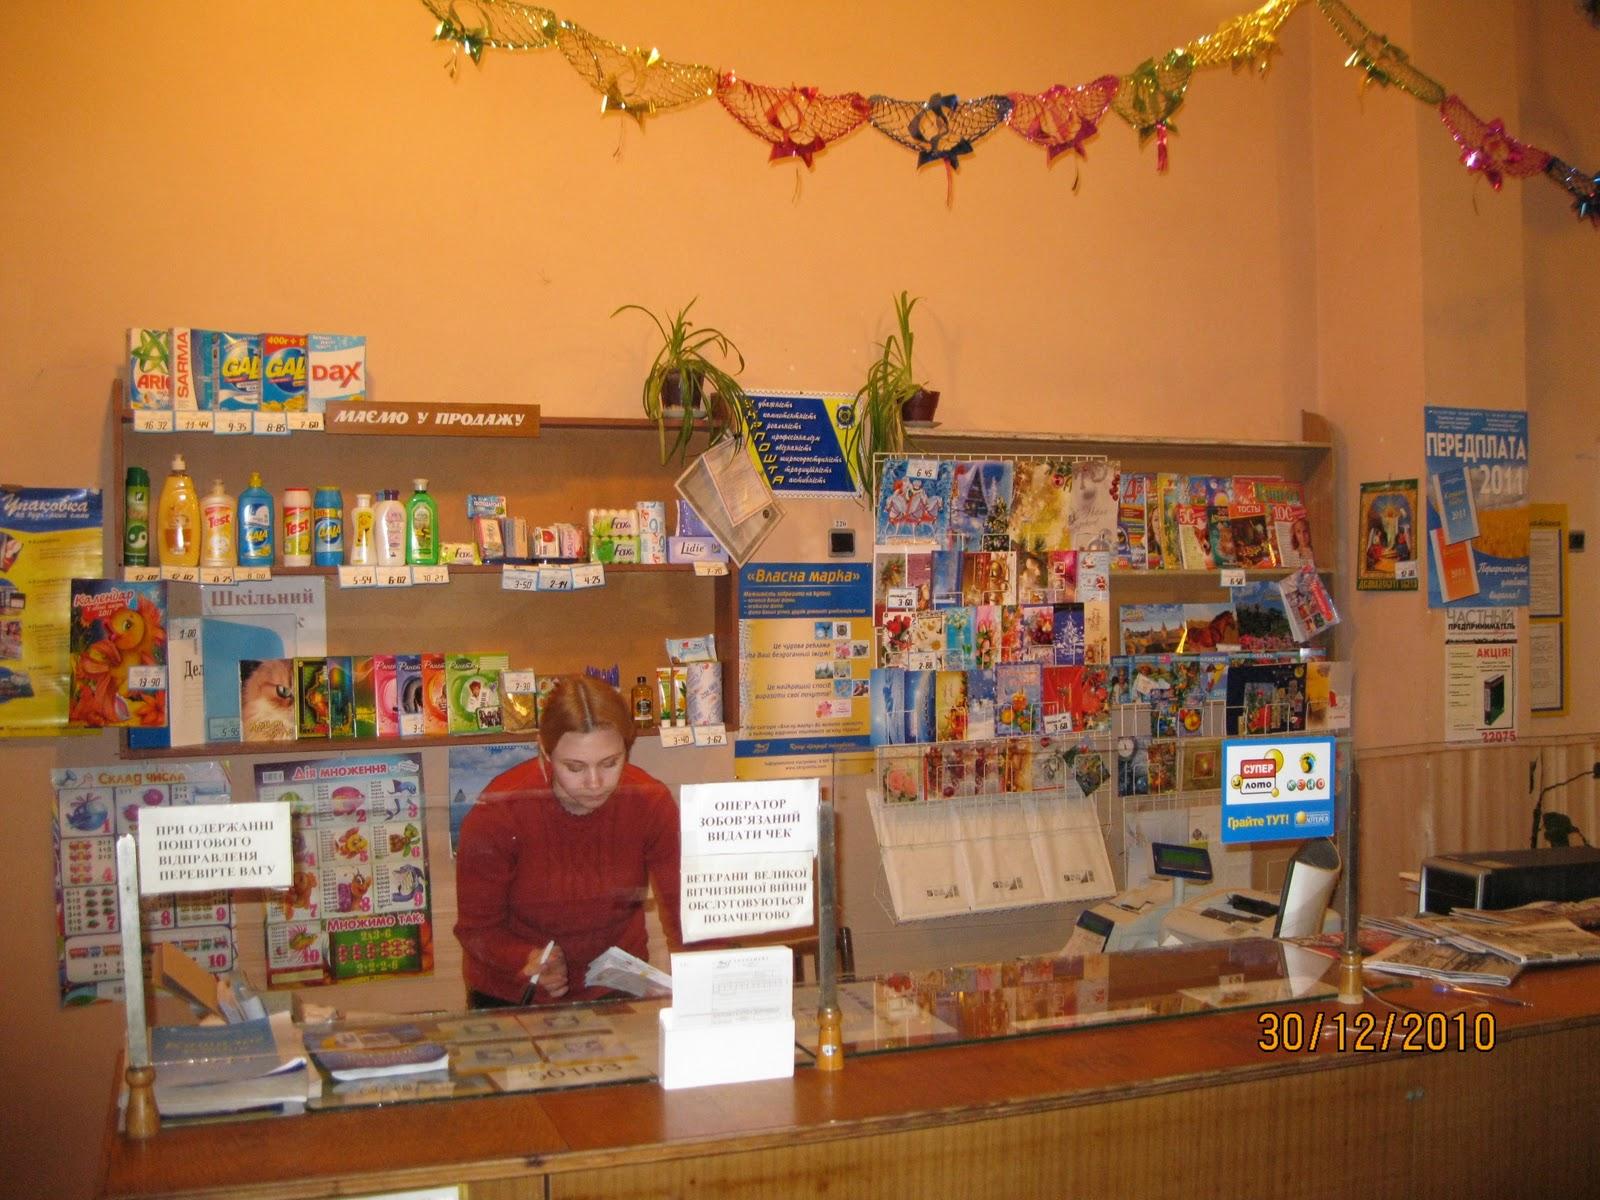 Почтовое отделение львовский где это находиться